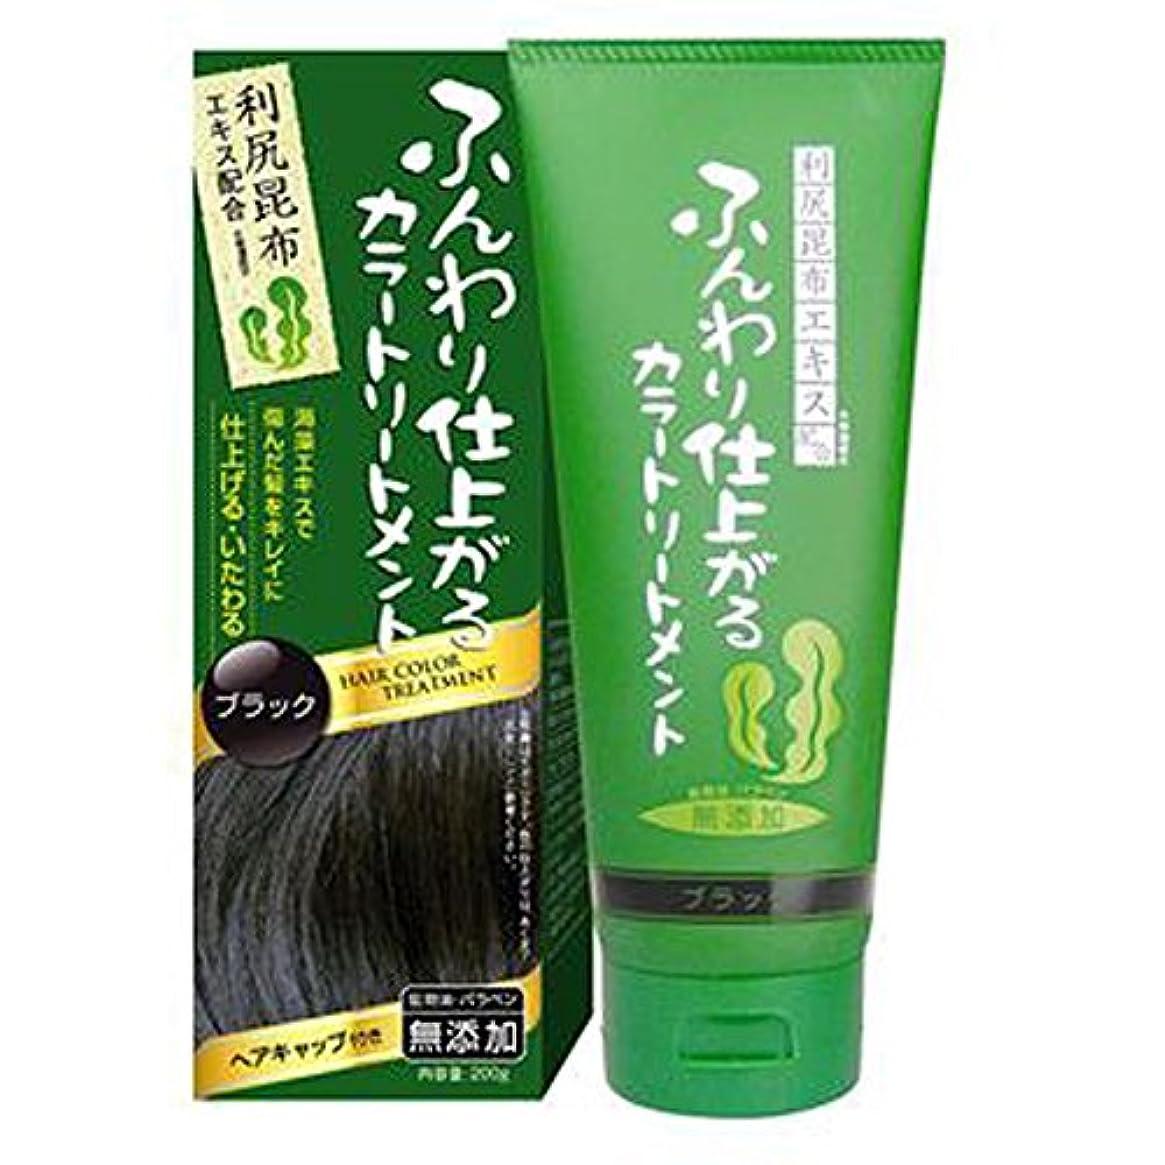 雪セッティングハウスふんわり仕上がるカラートリートメント 白髪 染め 保湿 利尻昆布エキス配合 ヘアカラー (200g ブラック) rishiri-haircolor-200g-blk